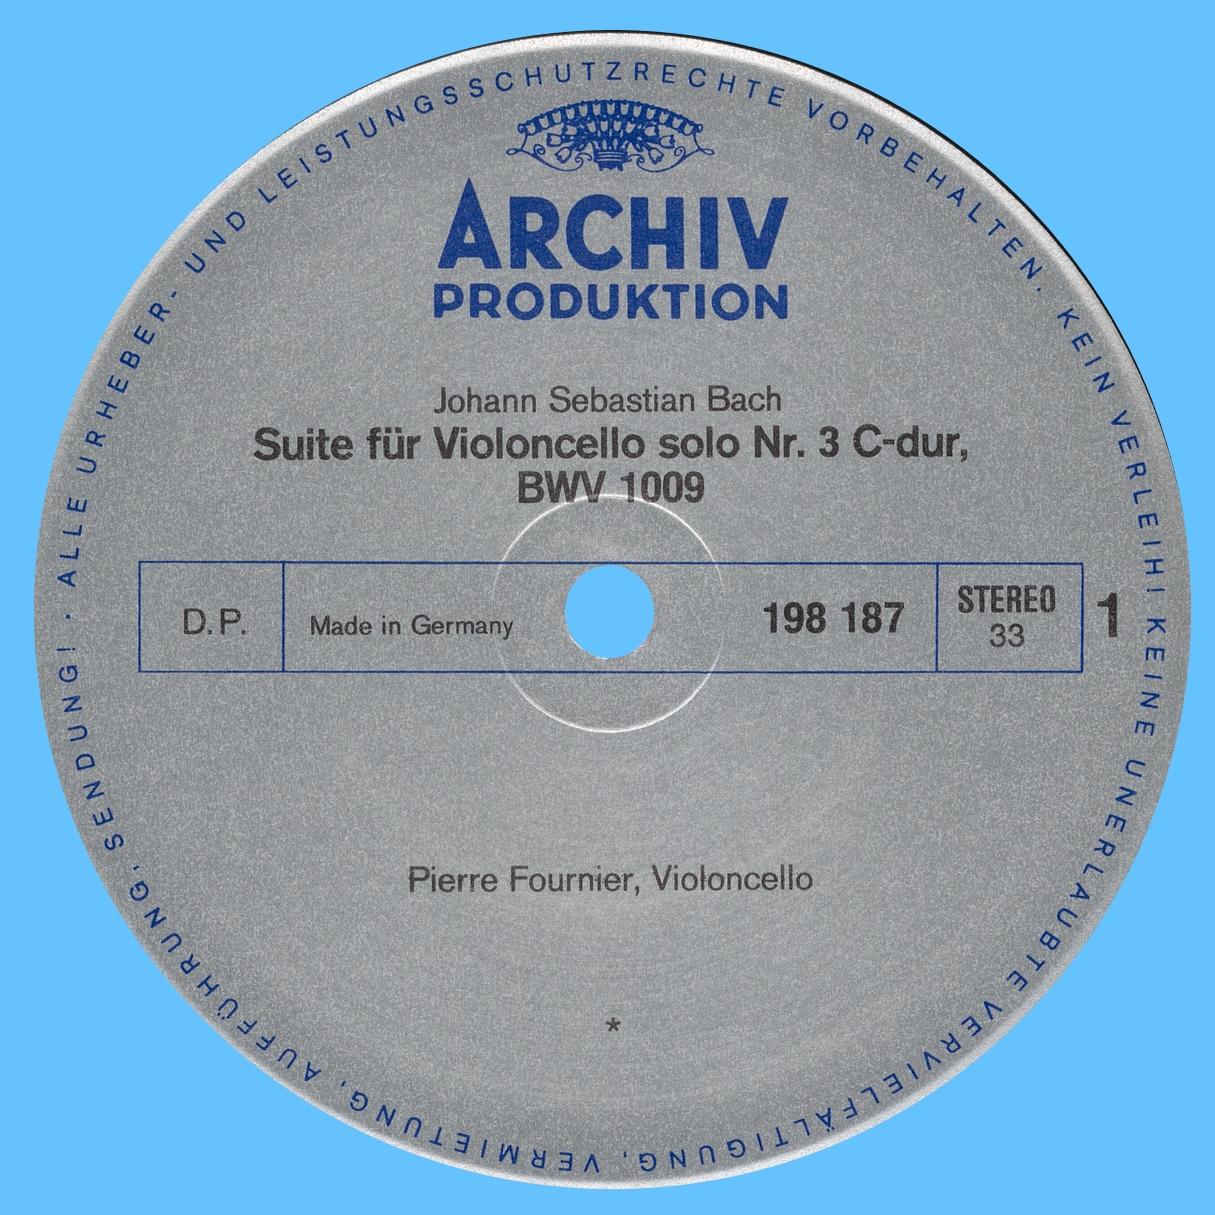 Étiquette recto du disque Archiv Produktion SAPM 198 187